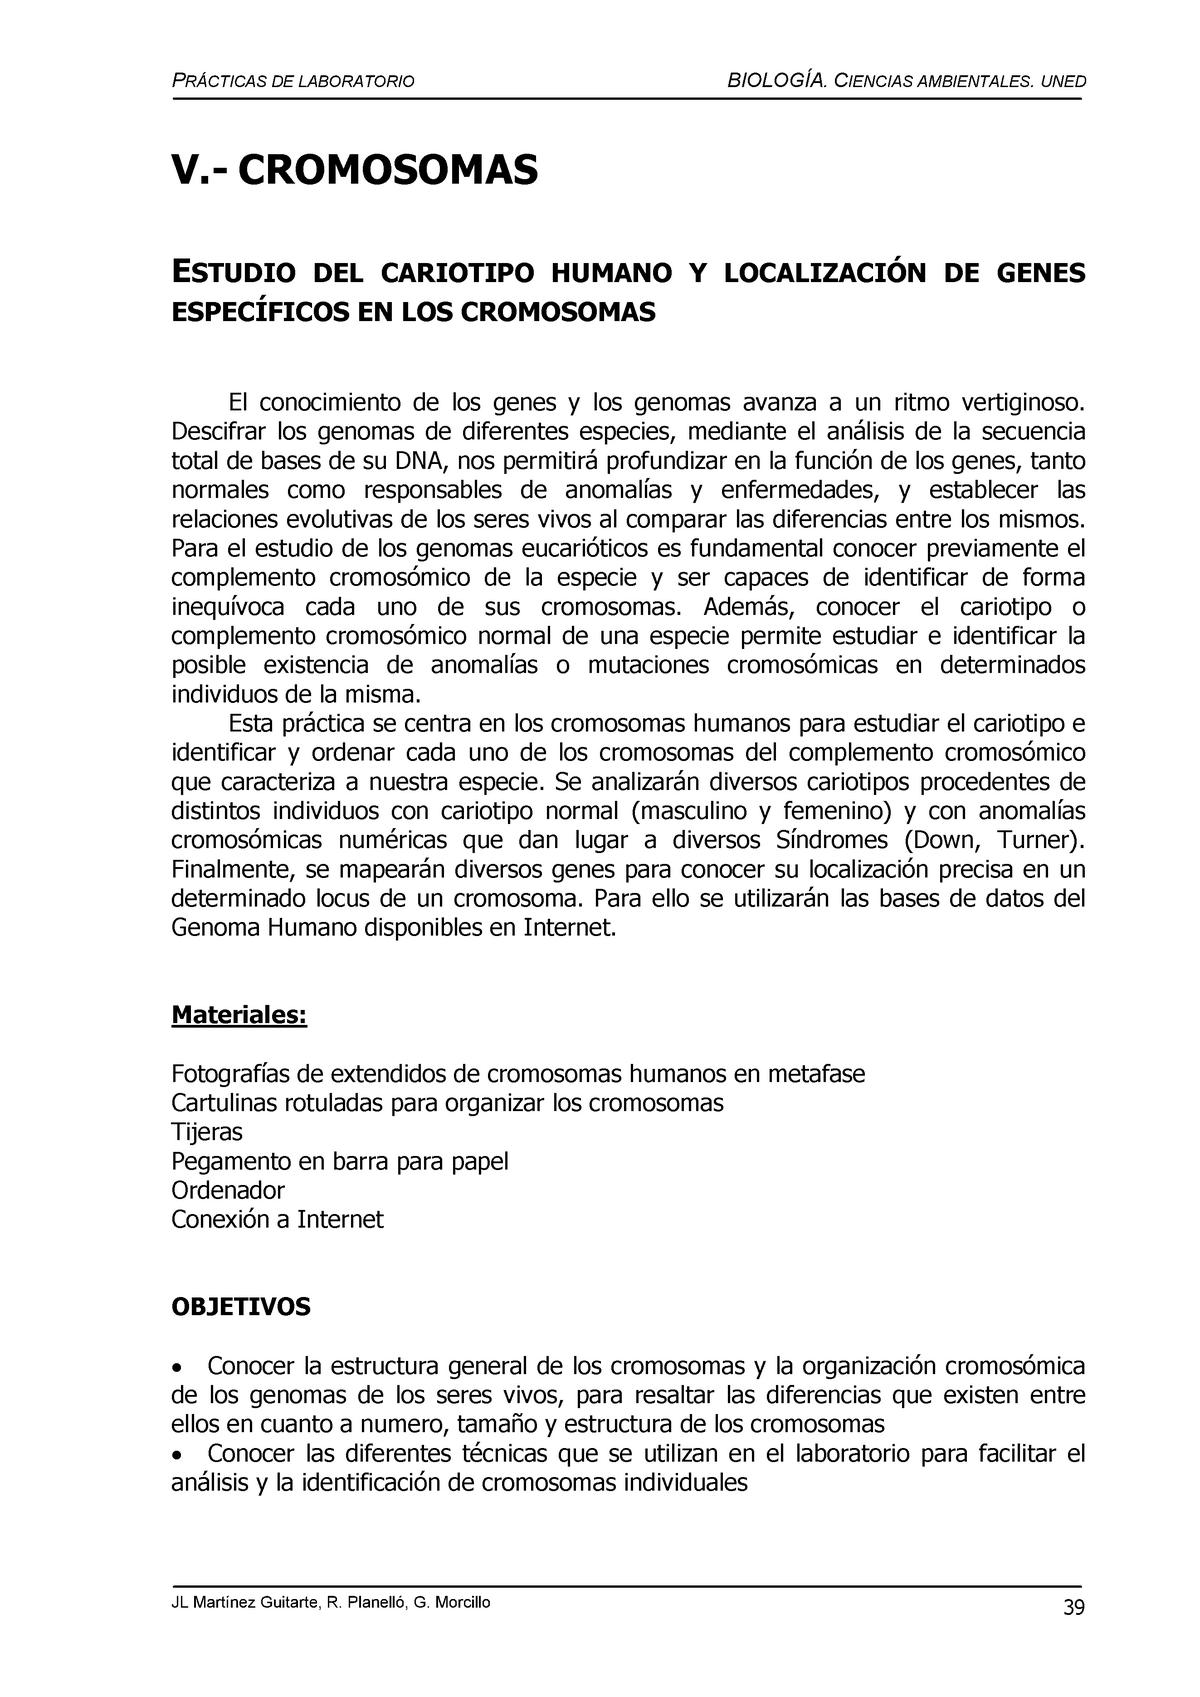 05 Practica Cromosomas Biología Química 61031032 Uned